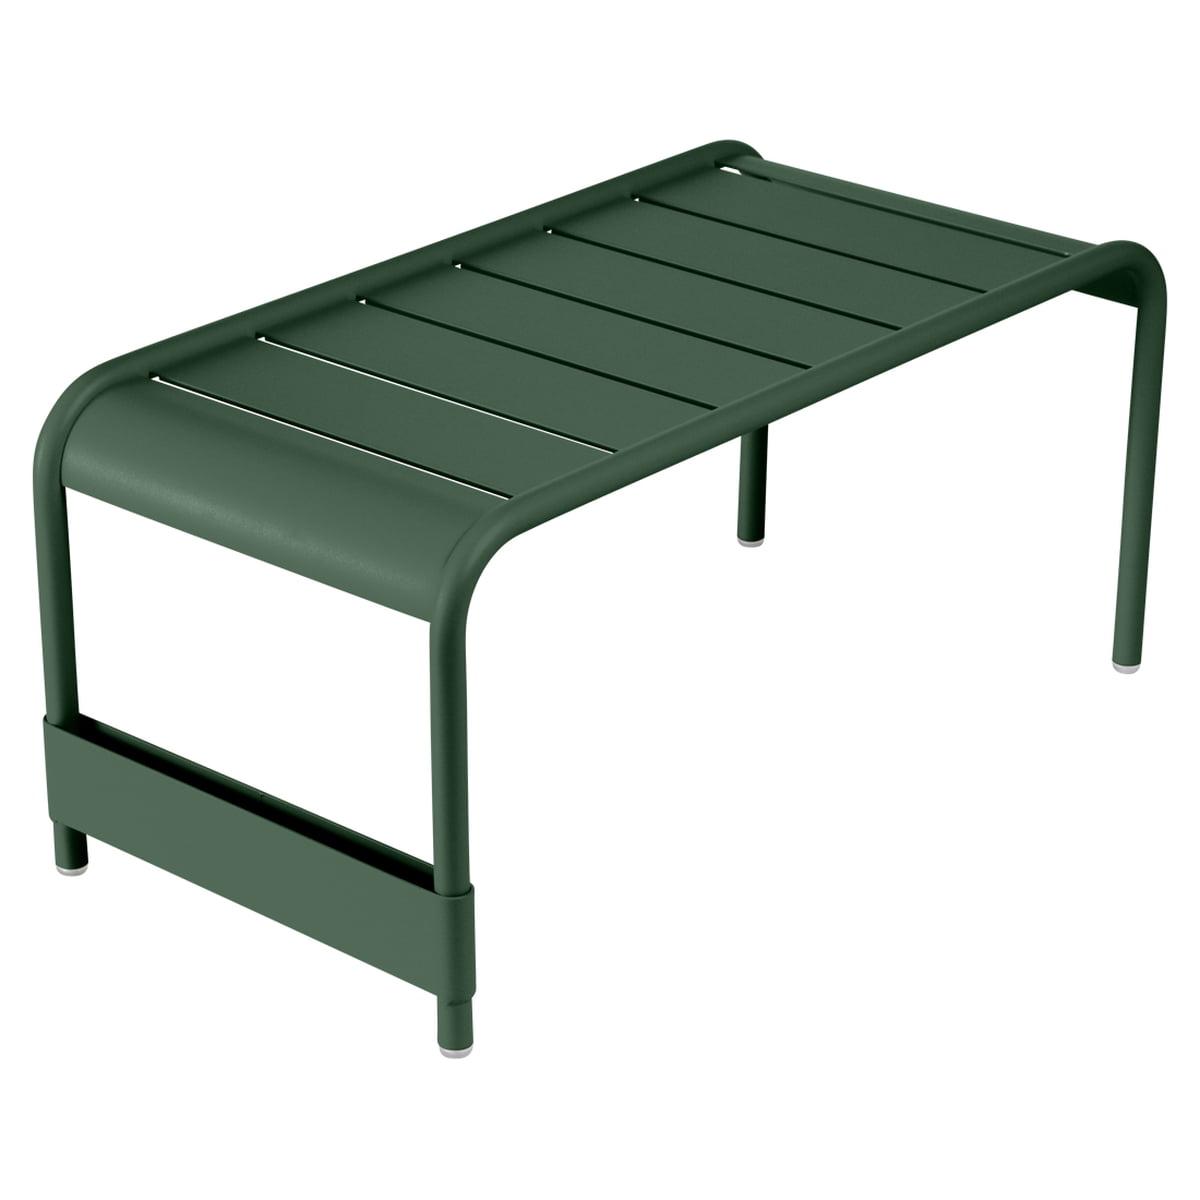 Table banc de jardin luxembourg de fermob - Table de jardin fermob soldes ...